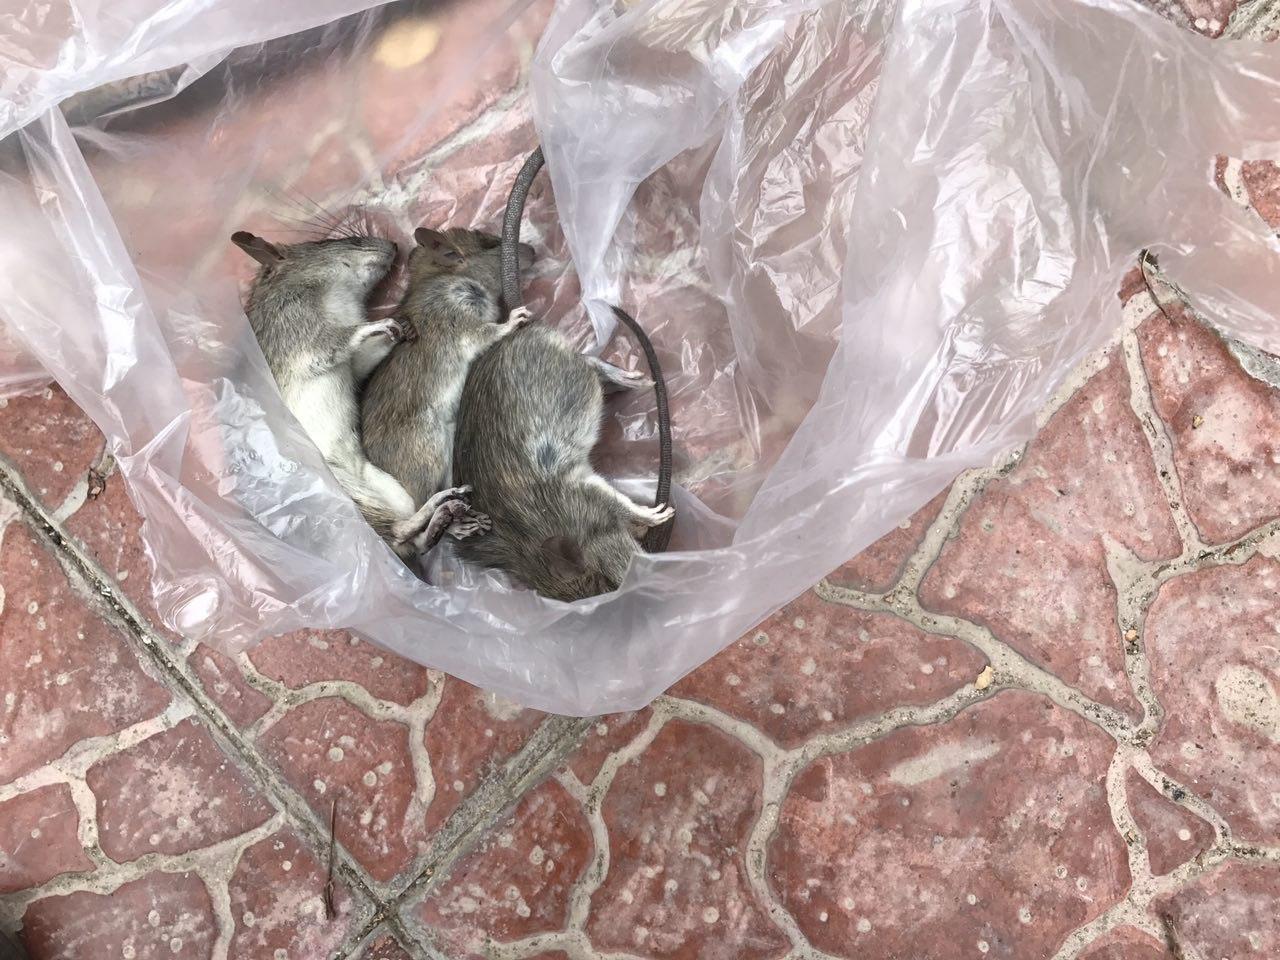 طعمه گذاری کارخانه برای موش،طعمه گذاری تخصصی موش،طعمه گذاری موش در غرب تهران